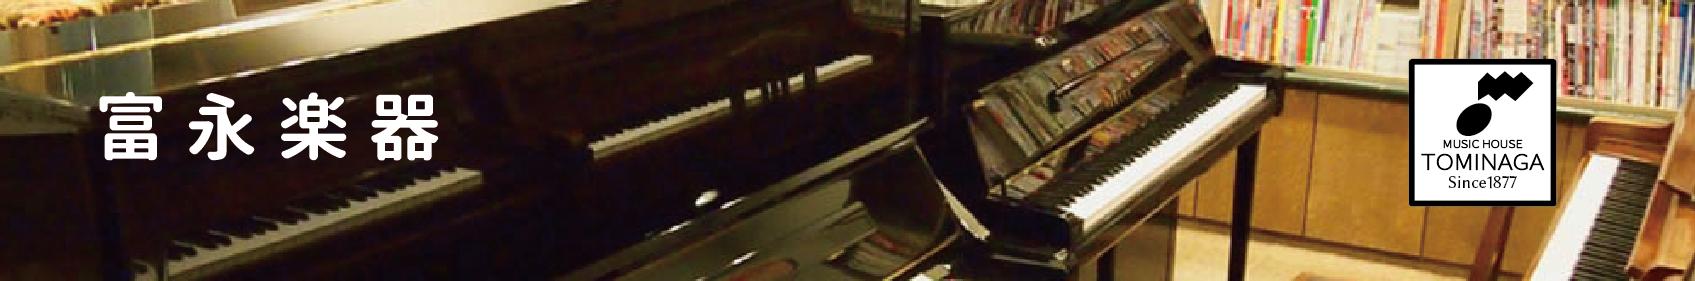 富永楽器バナー